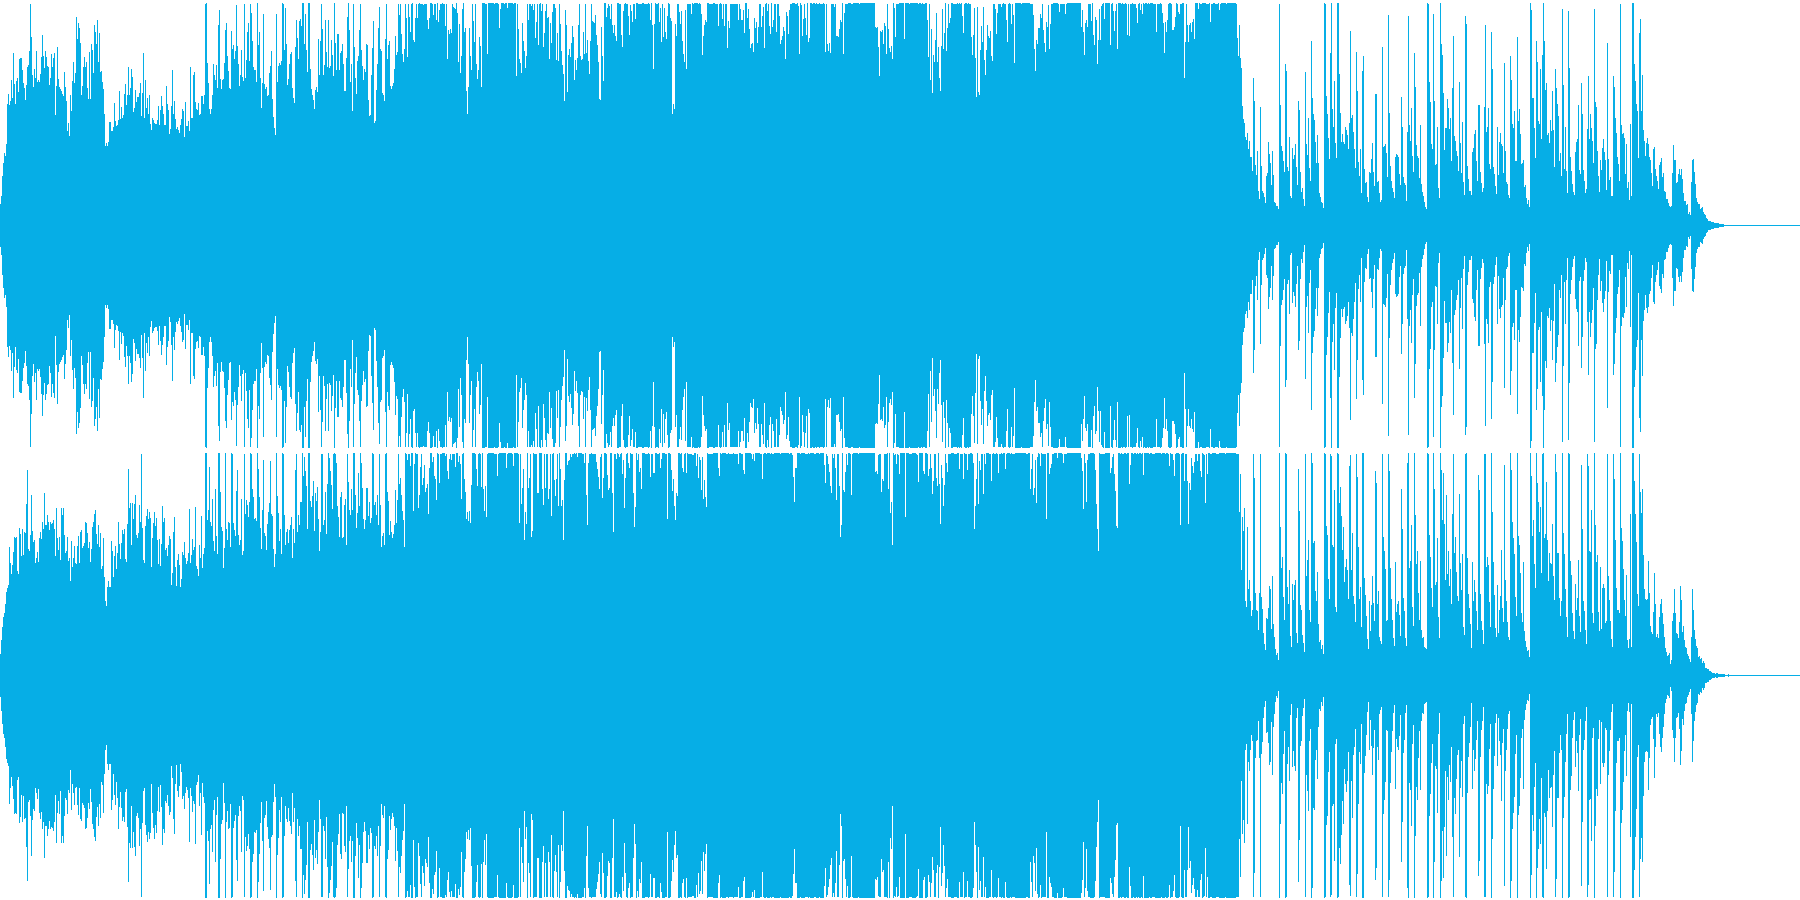 和太鼓を取り入れたストリングス曲の再生済みの波形